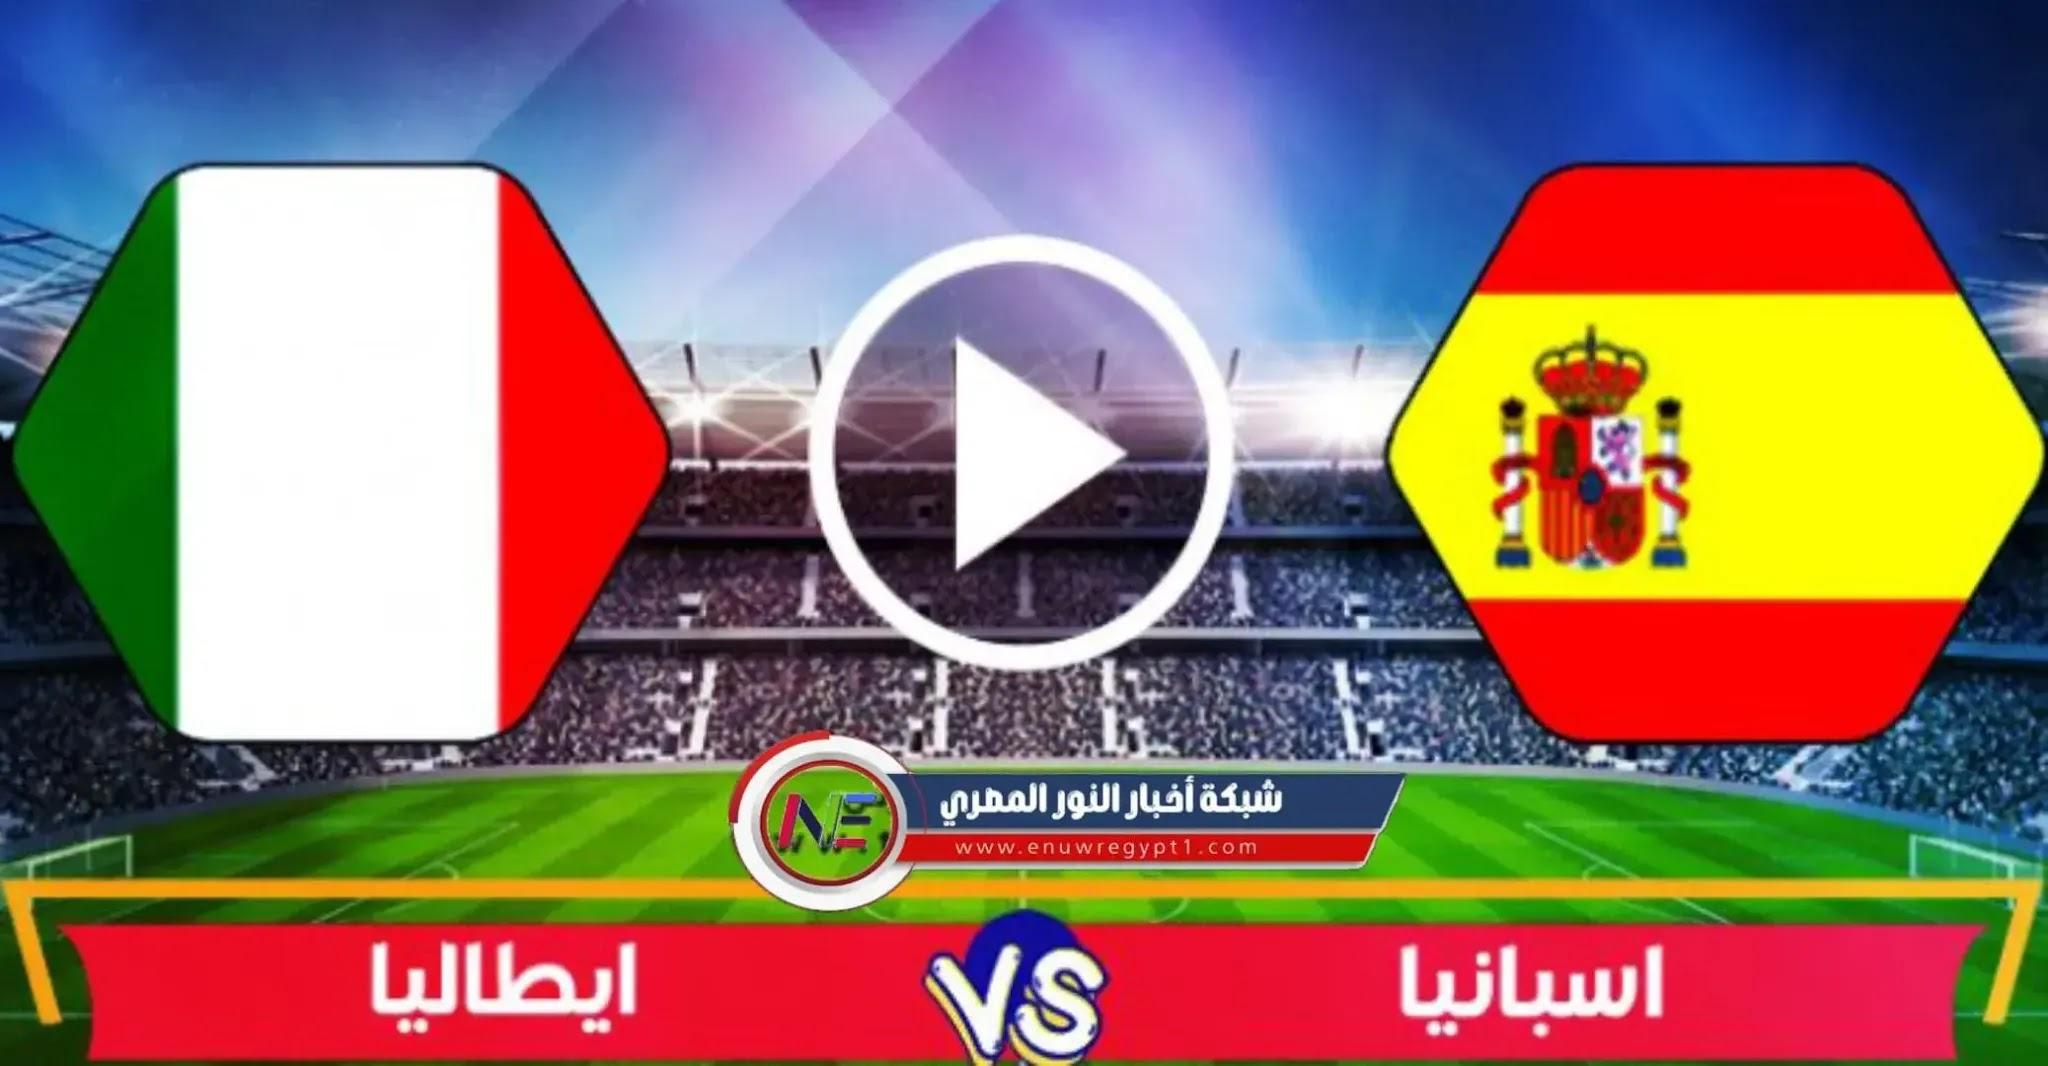 بث مباشر ايجي لايف يوتيوب .. مشاهدة مباراة ايطاليا و اسبانيا بث مباشر اليوم 06-10-2021 في دورى الأمم الأوروبية العالم بجودة عالية